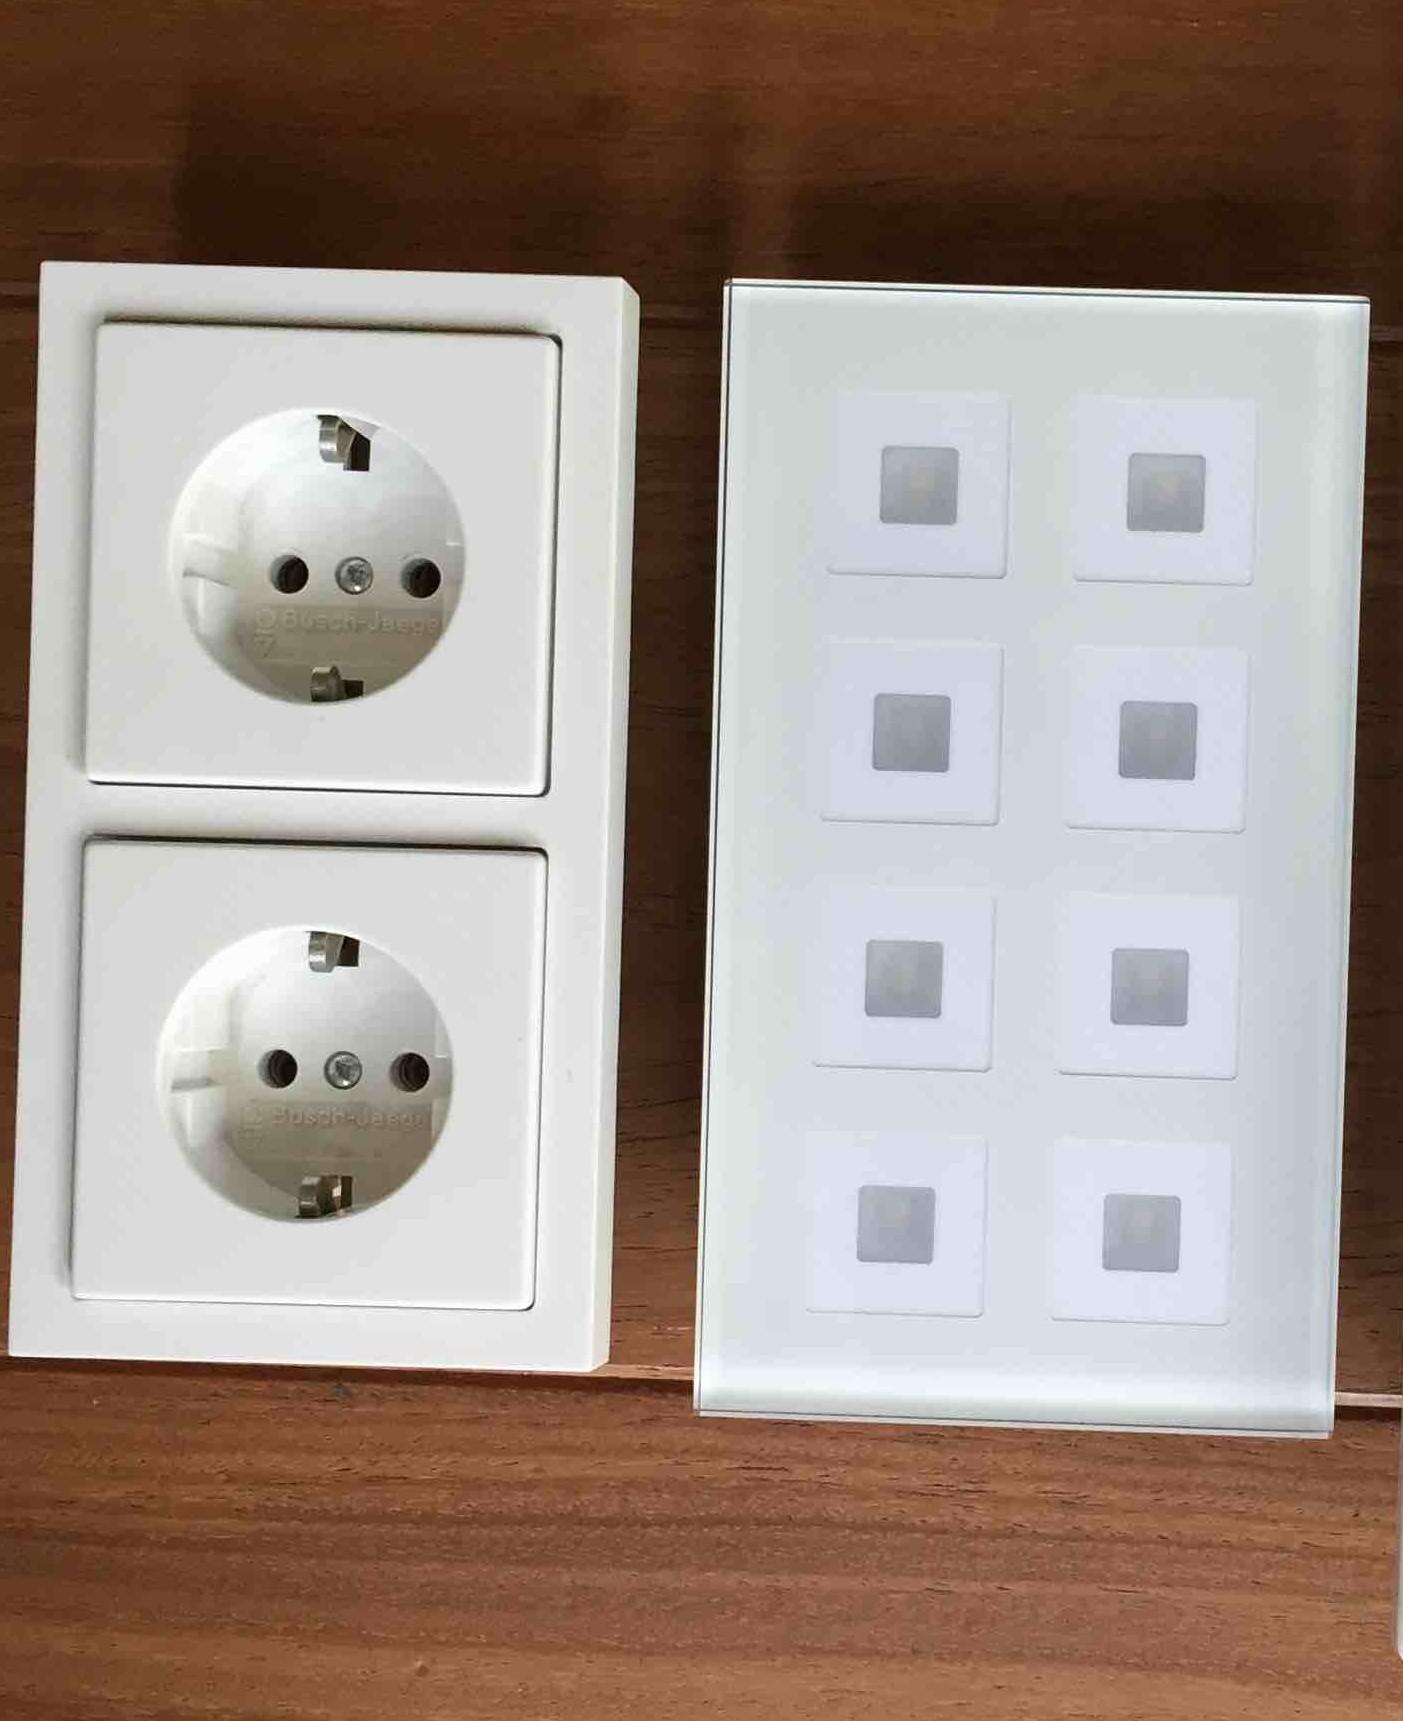 elektroinstallation und knx bus baublog das spatzennest. Black Bedroom Furniture Sets. Home Design Ideas